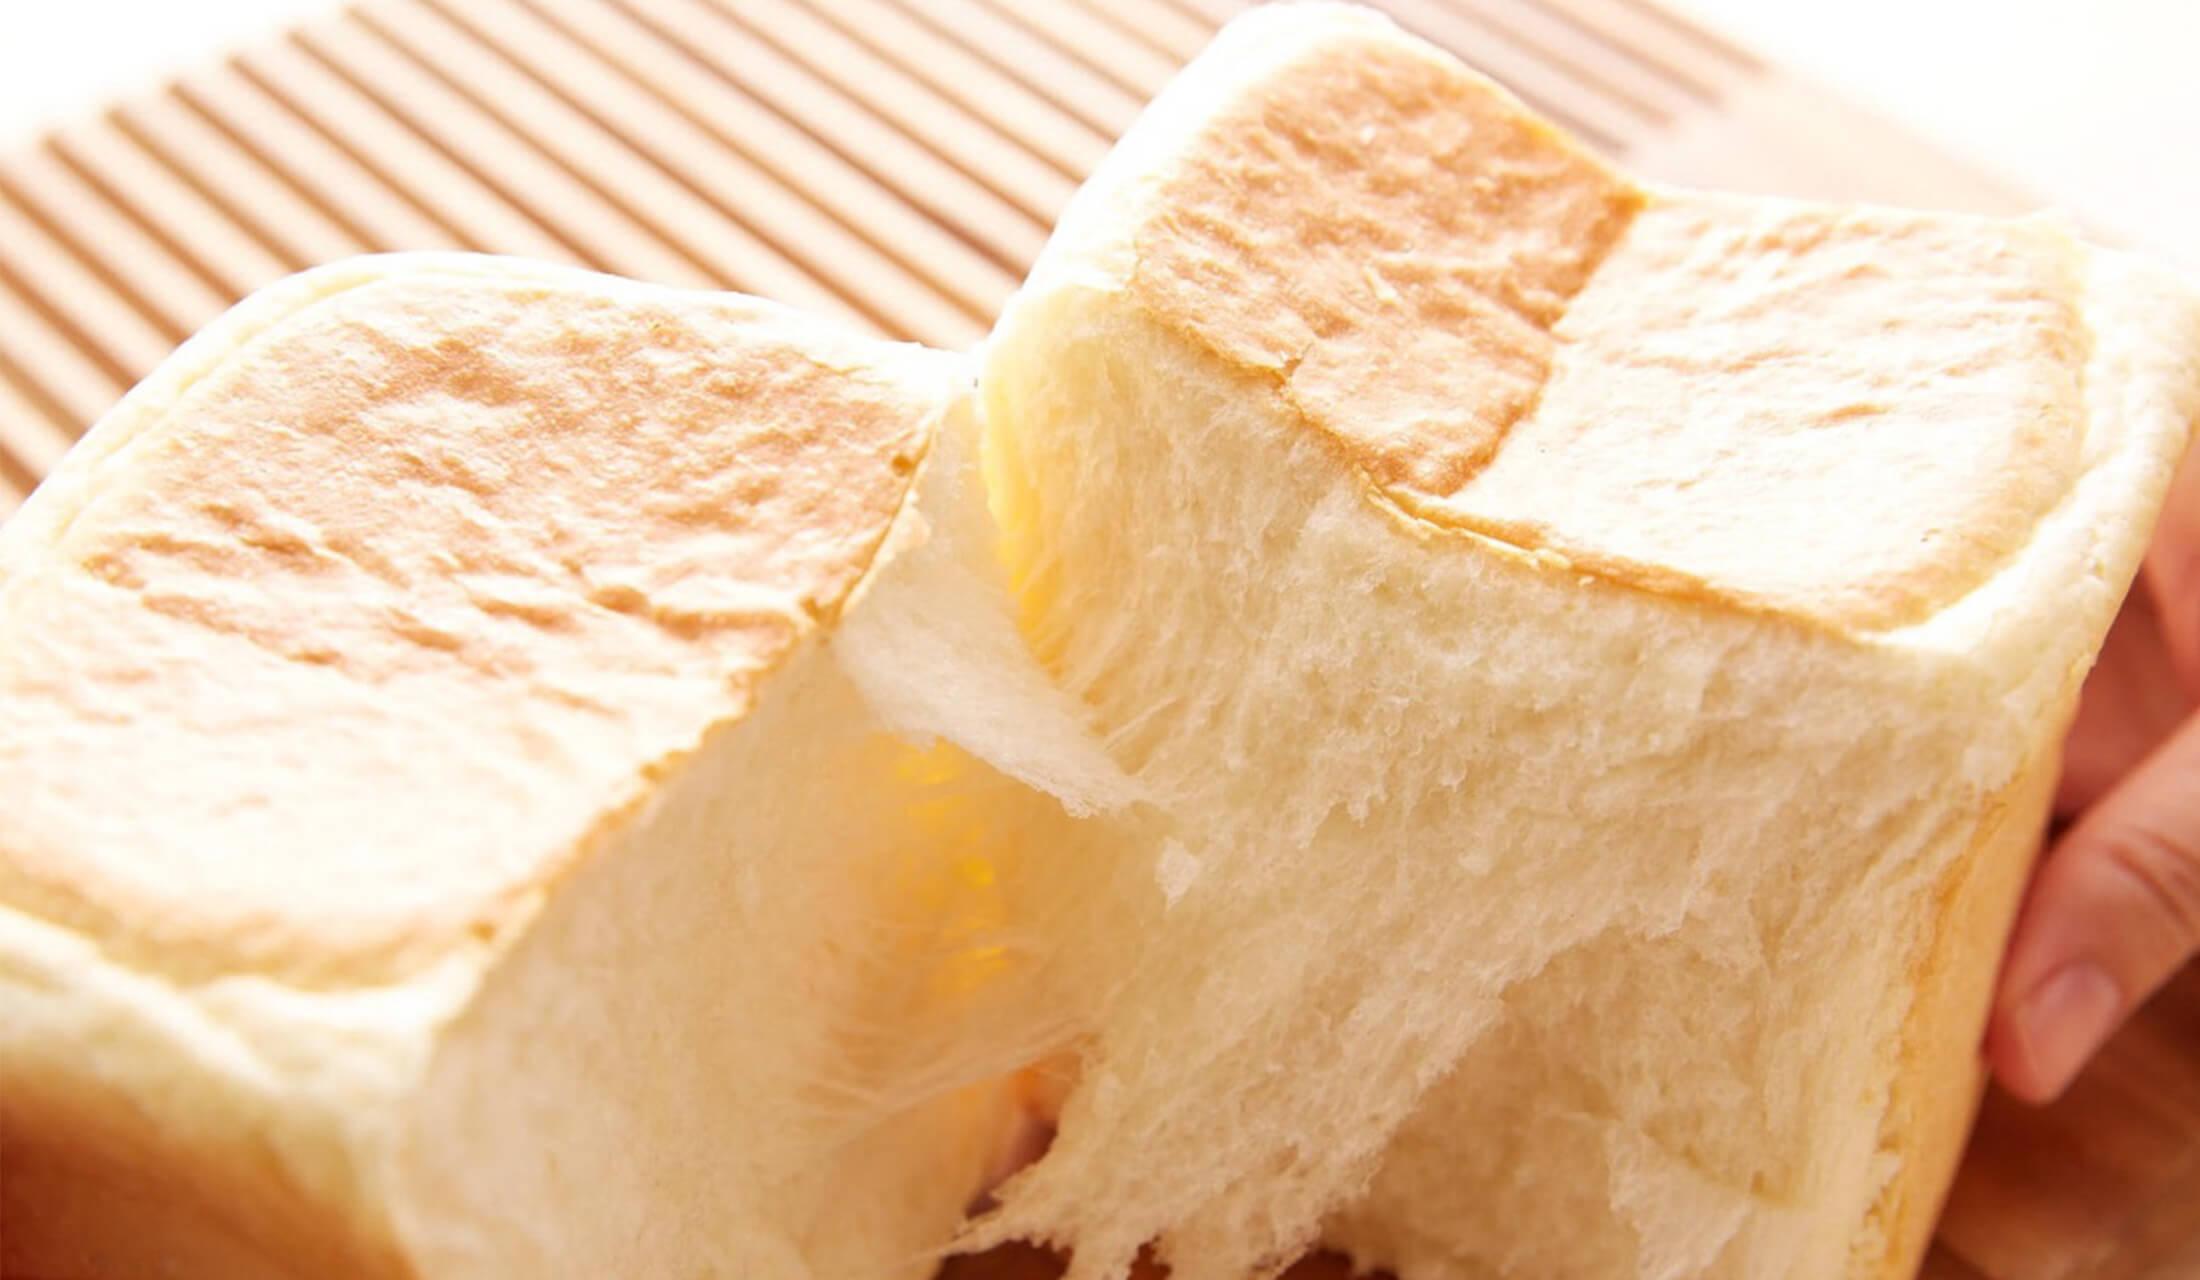 半分になったふわふわの食パン